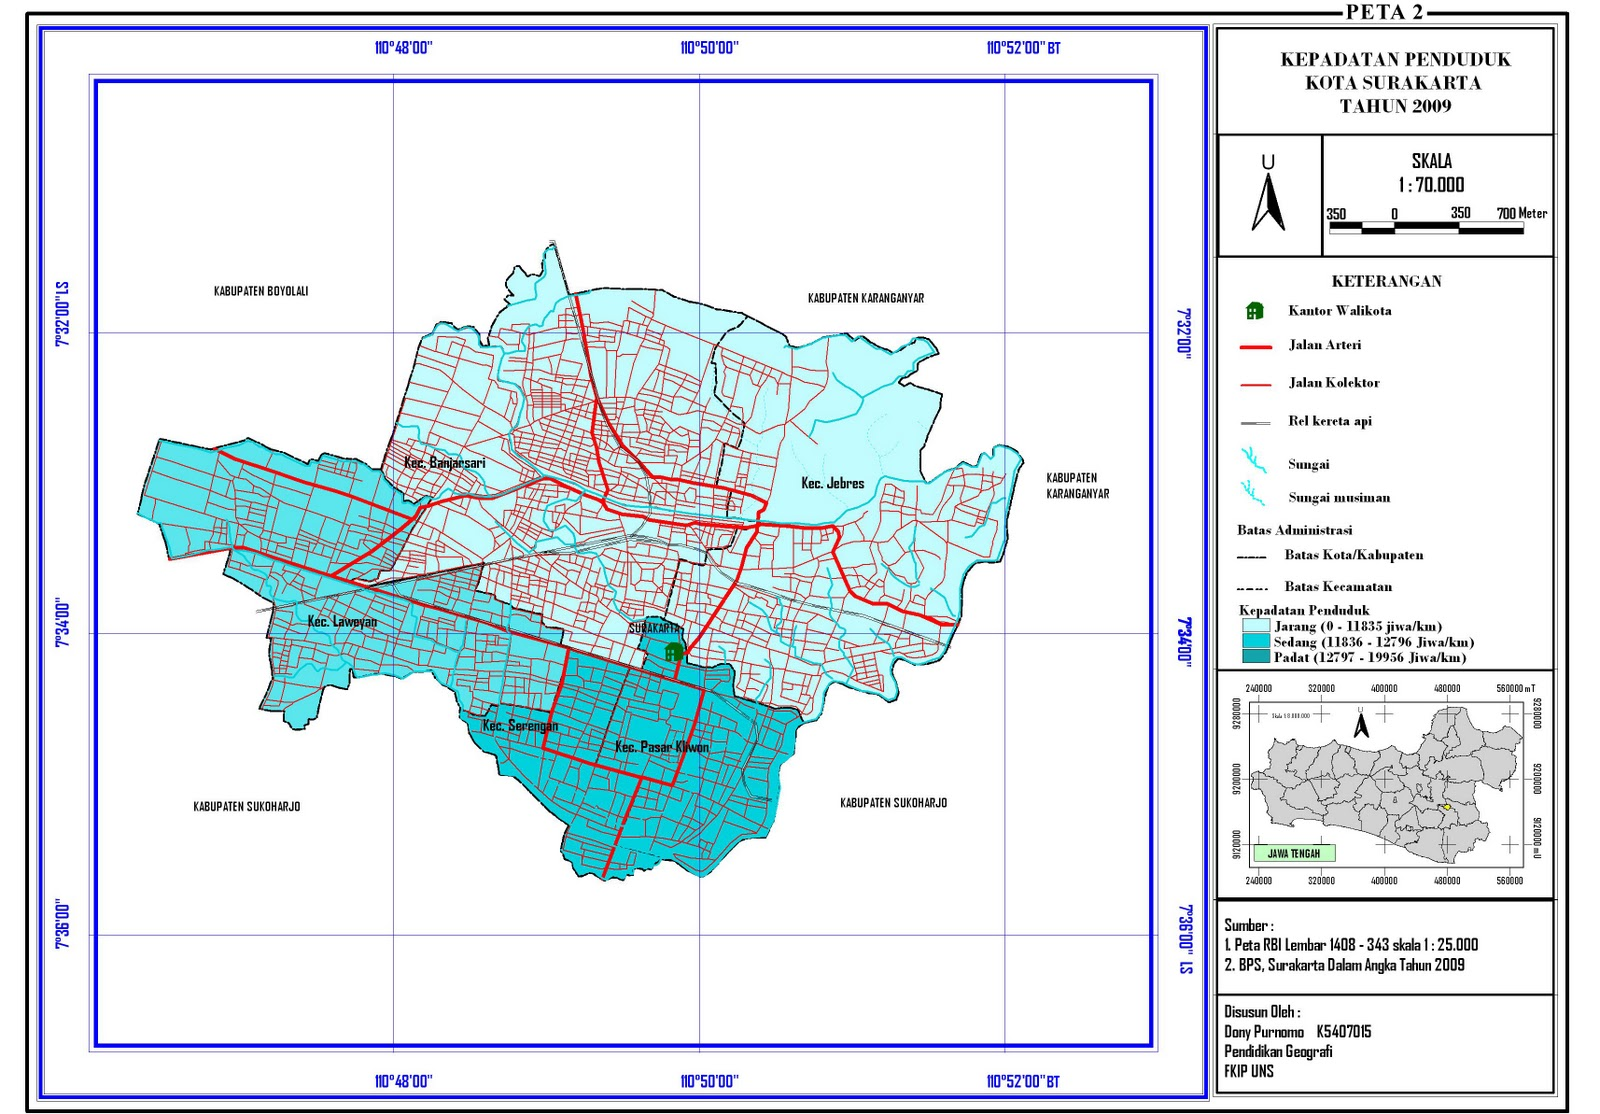 Memahami Marginal Information Peta Gambar Bali Komponennya